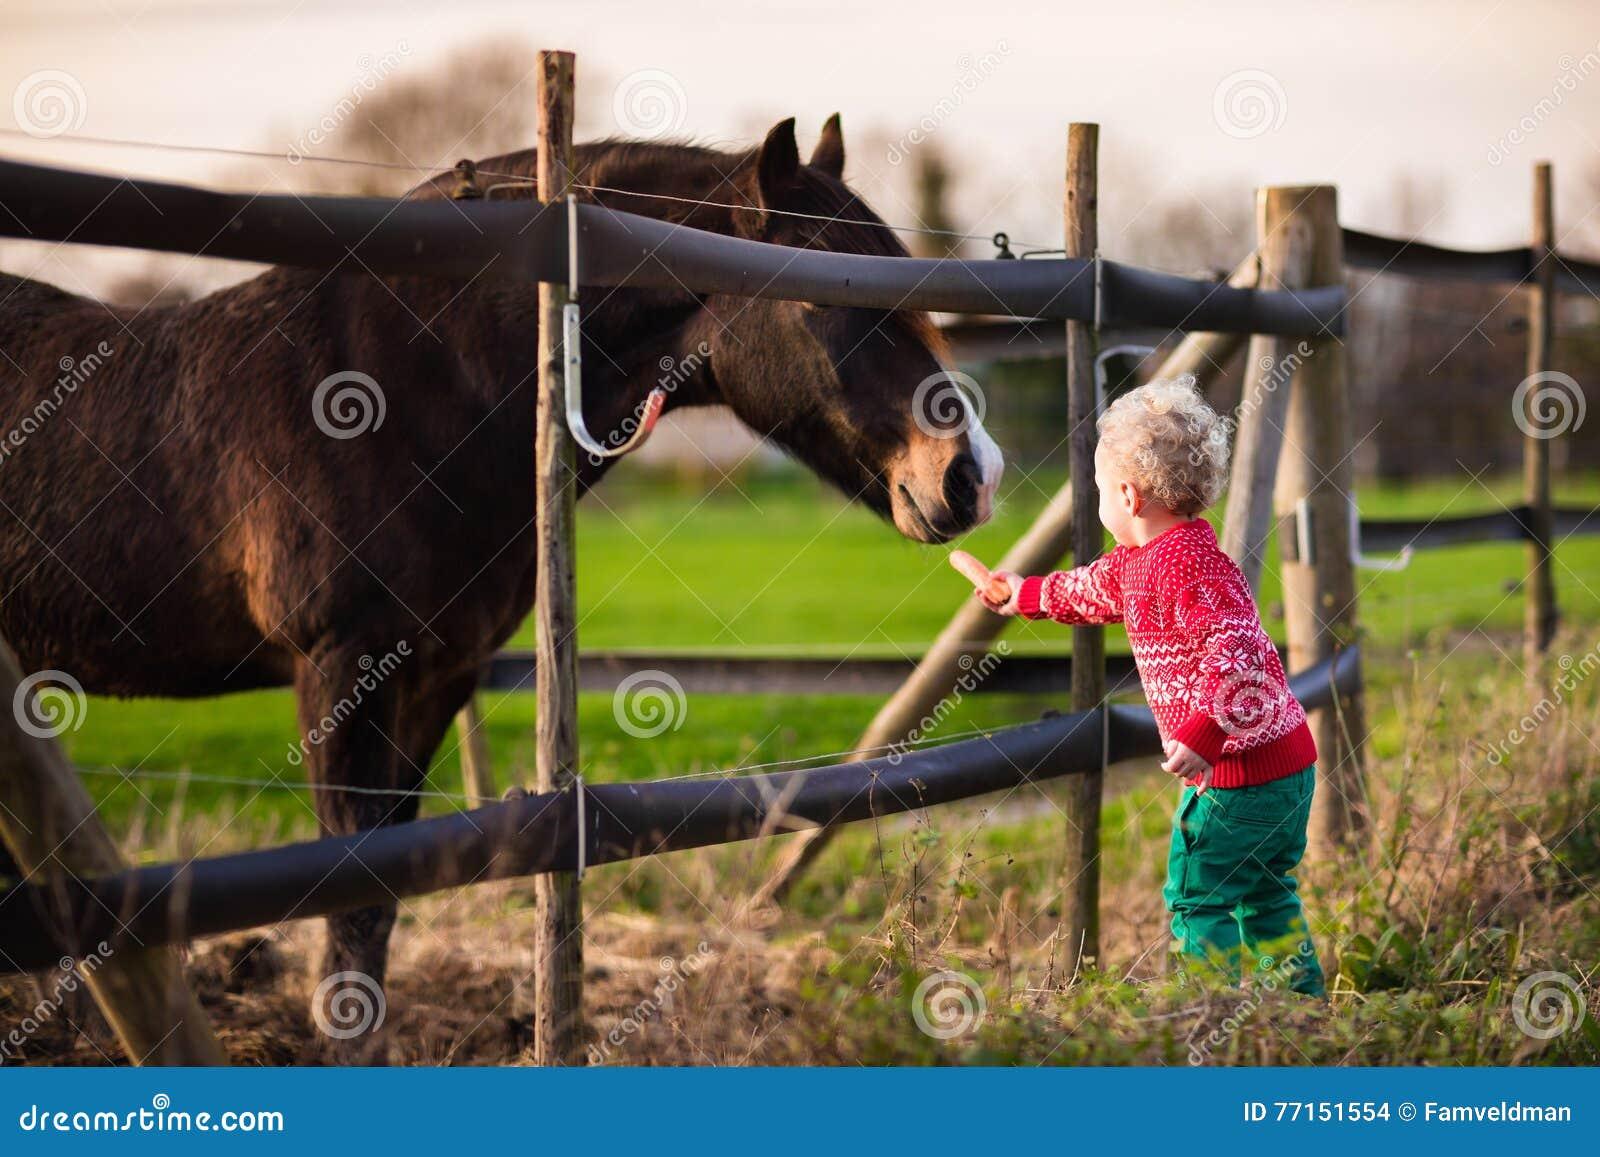 Badine le cheval de alimentation à une ferme